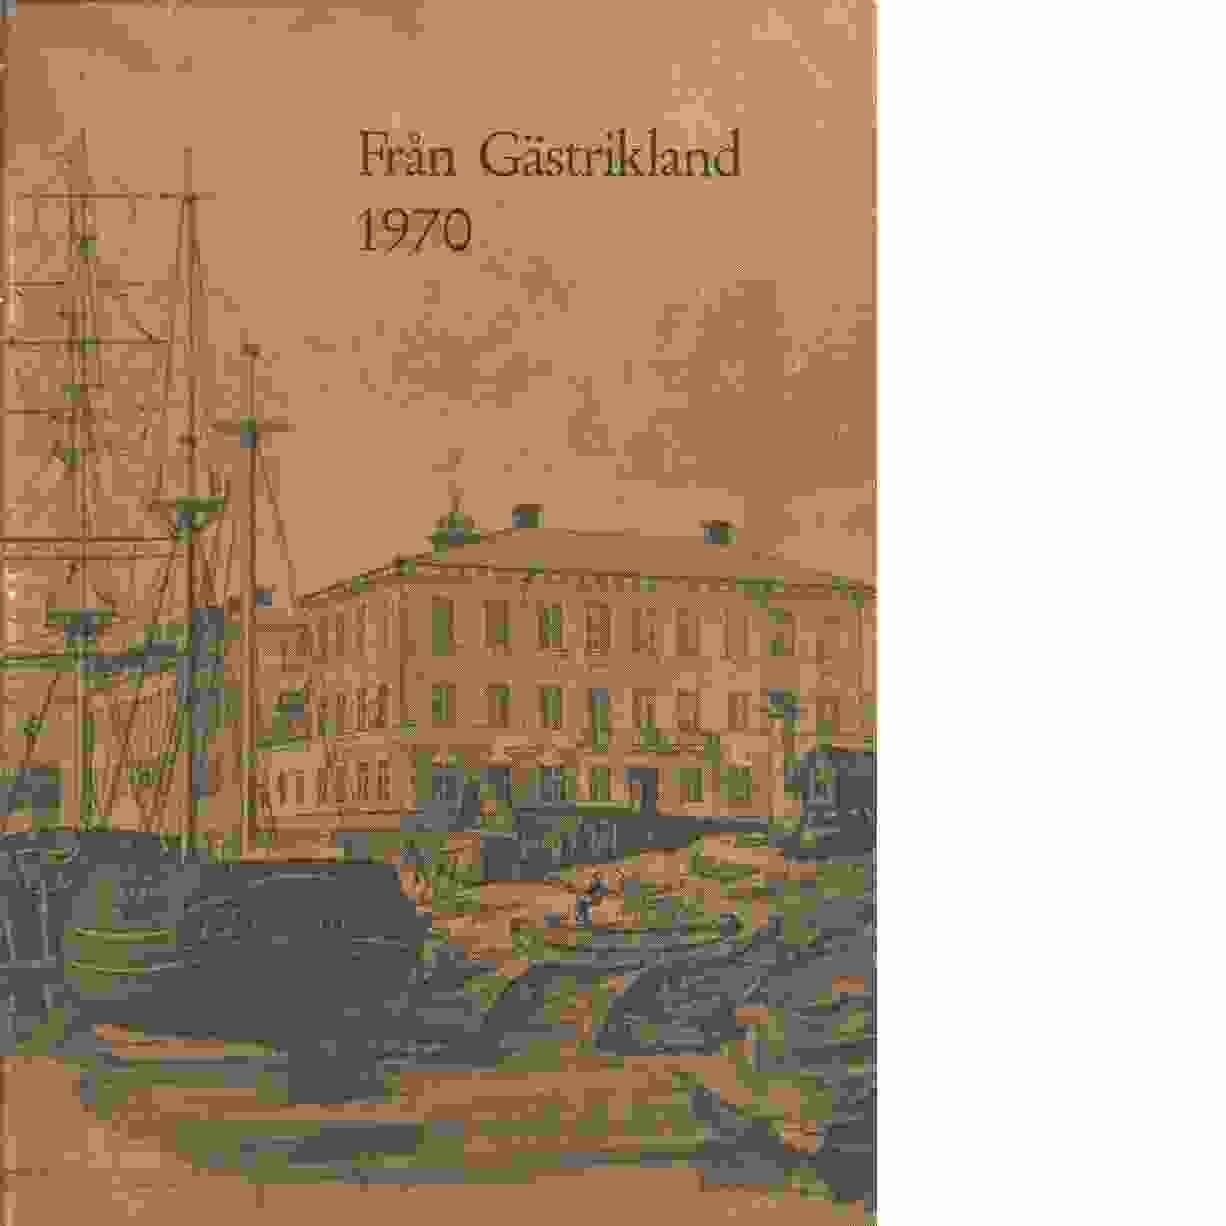 Från Gästrikland 1970 - Gästriklands kulturhistoriska förening